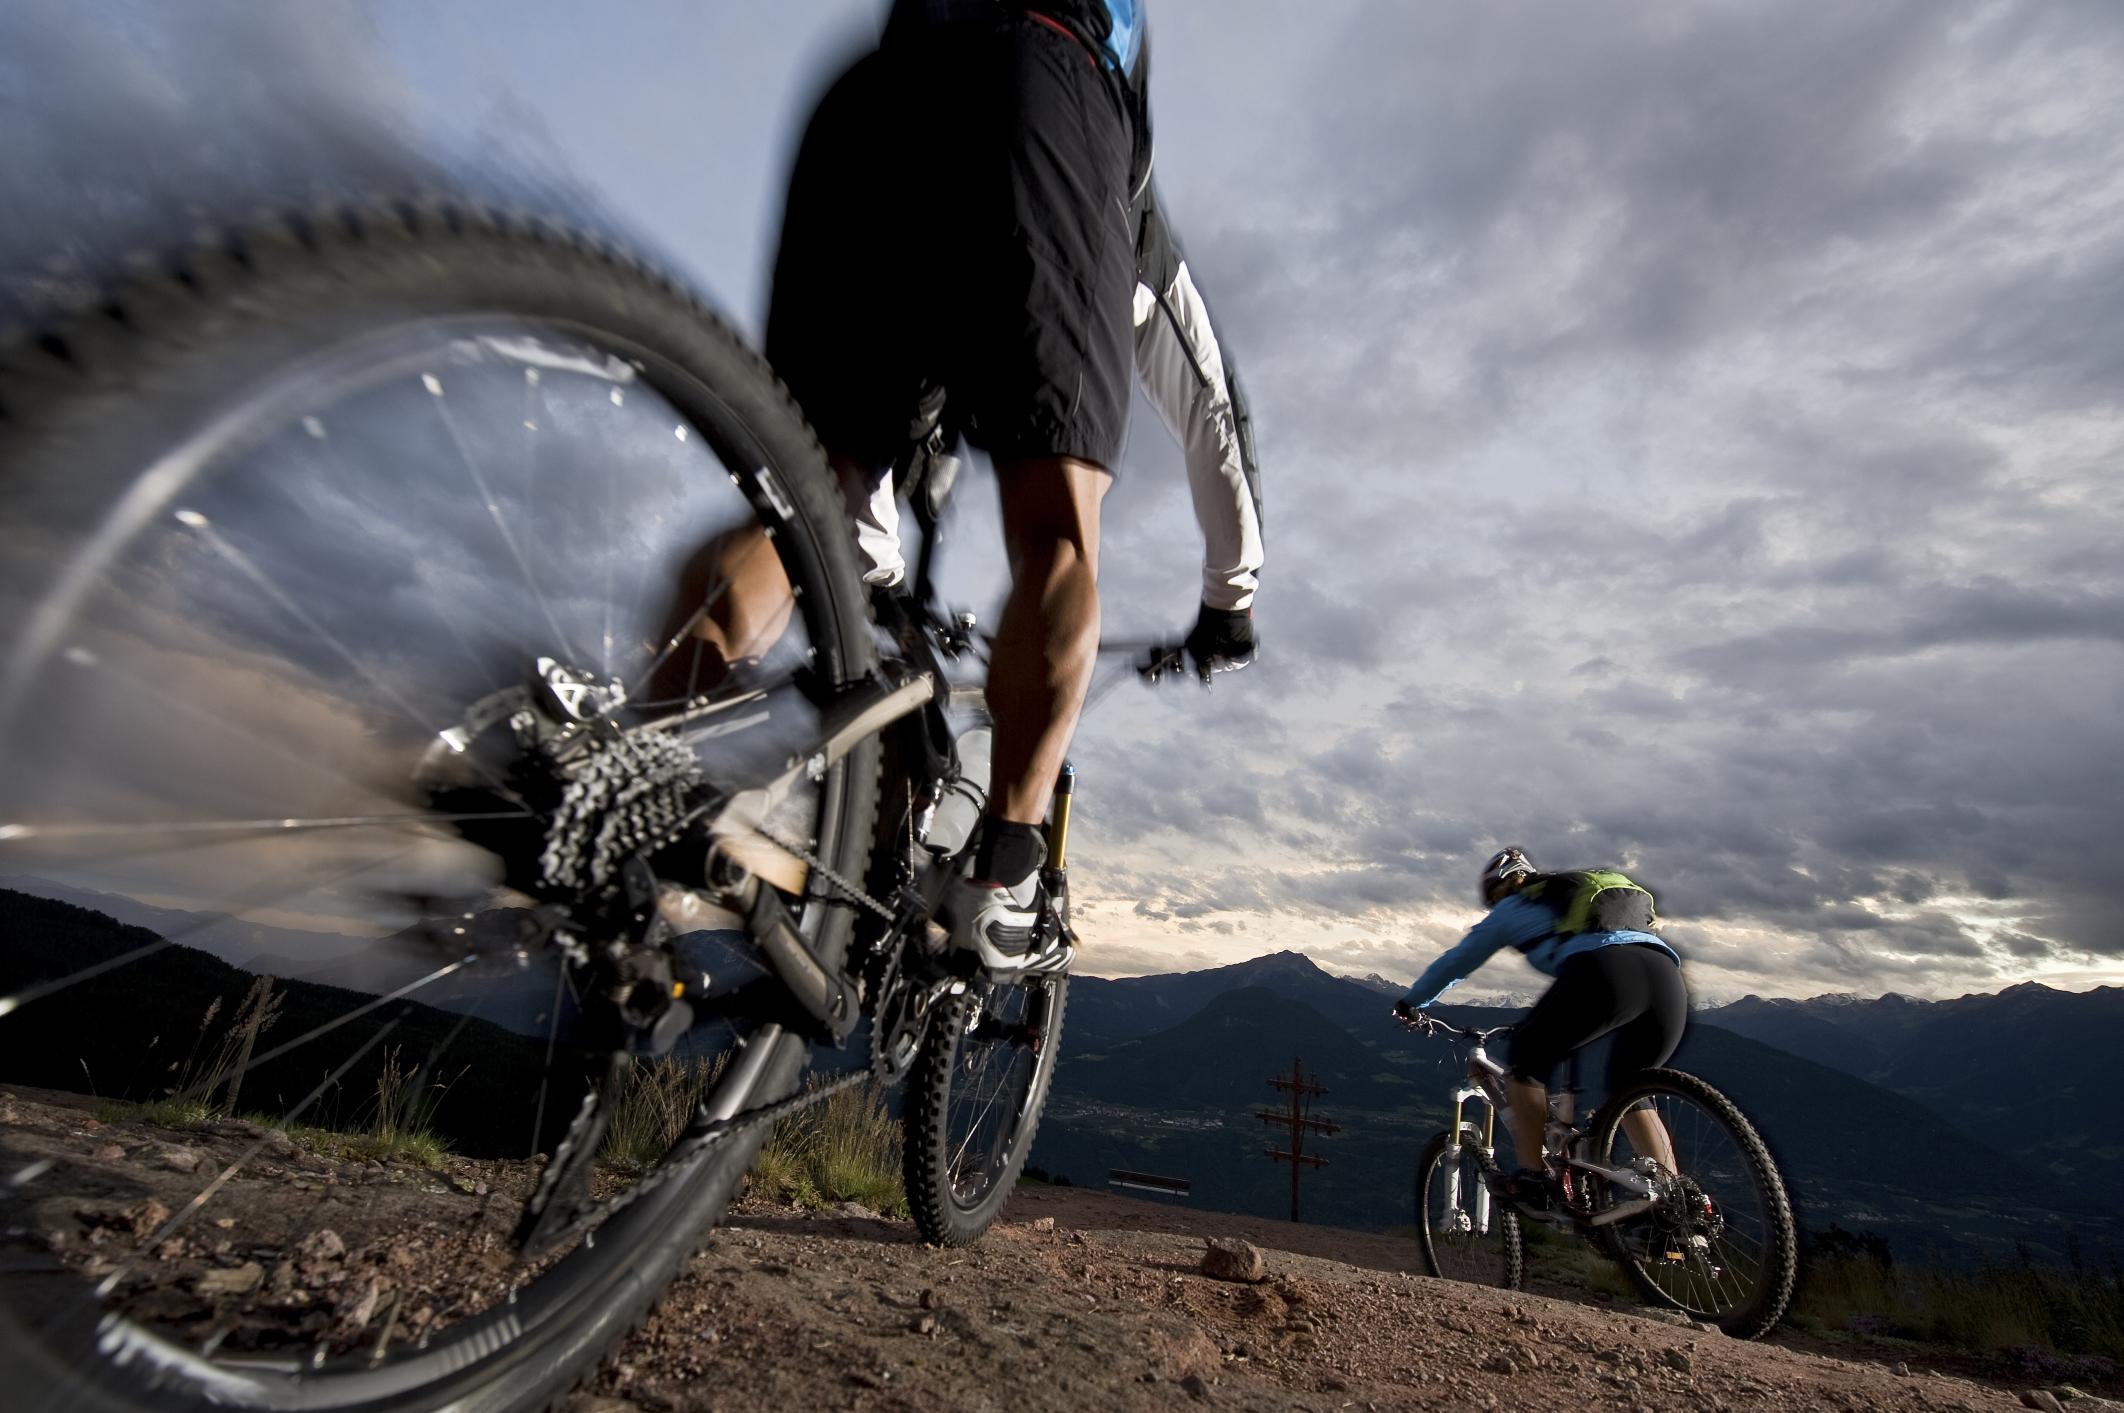 Trek vs  Specialized Road Bikes